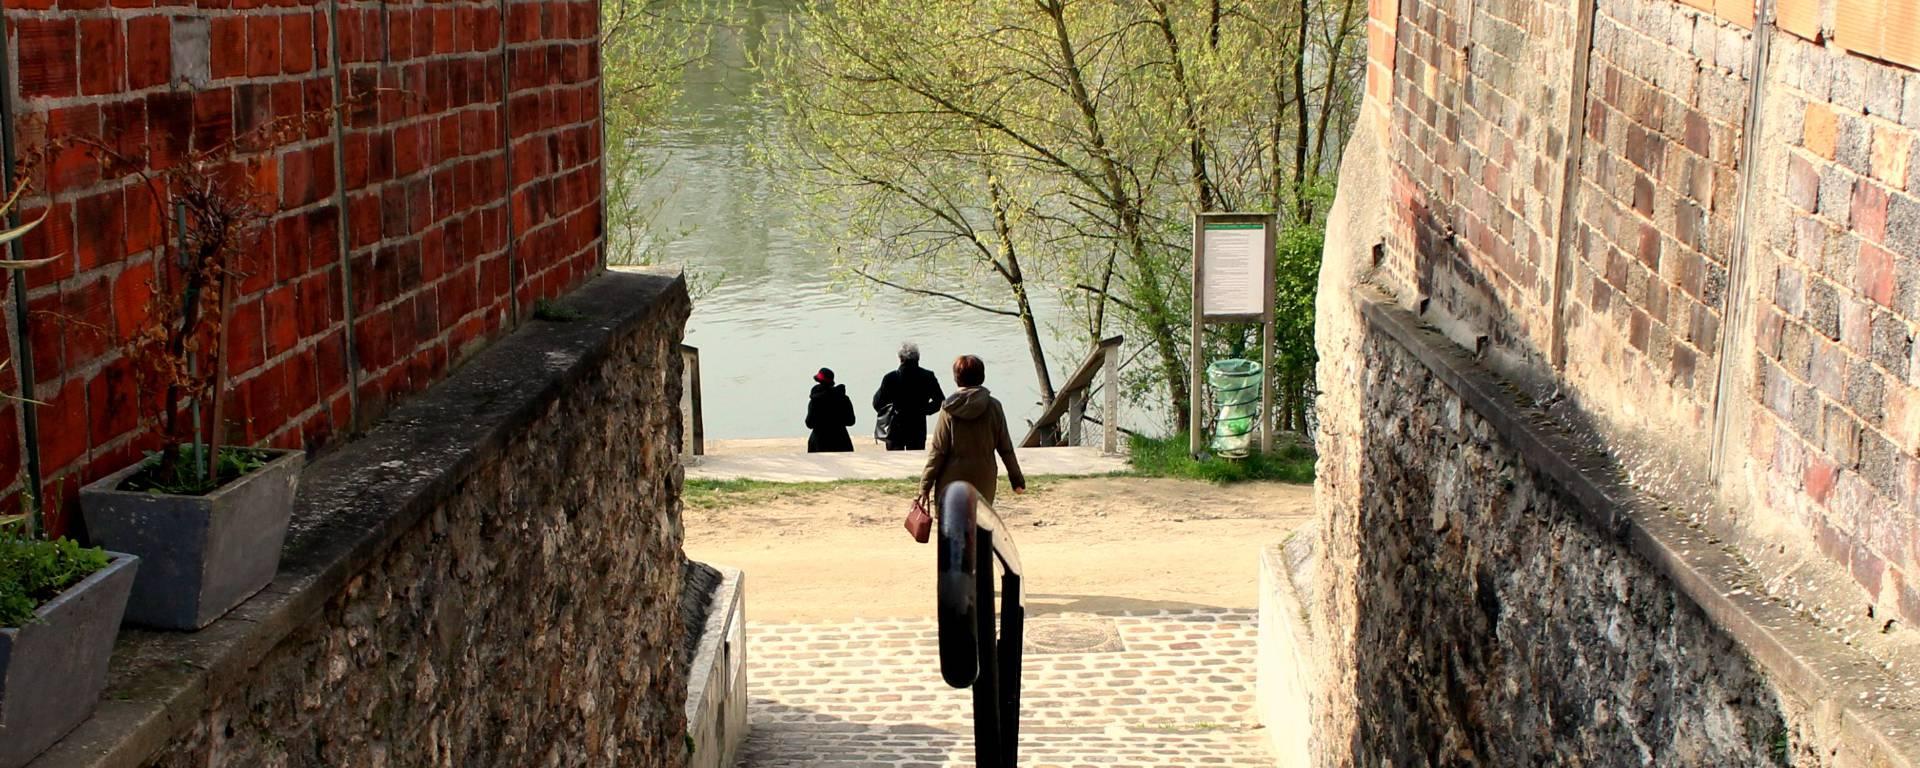 Balade au bord des berges de seine à Epinay-sur-seine